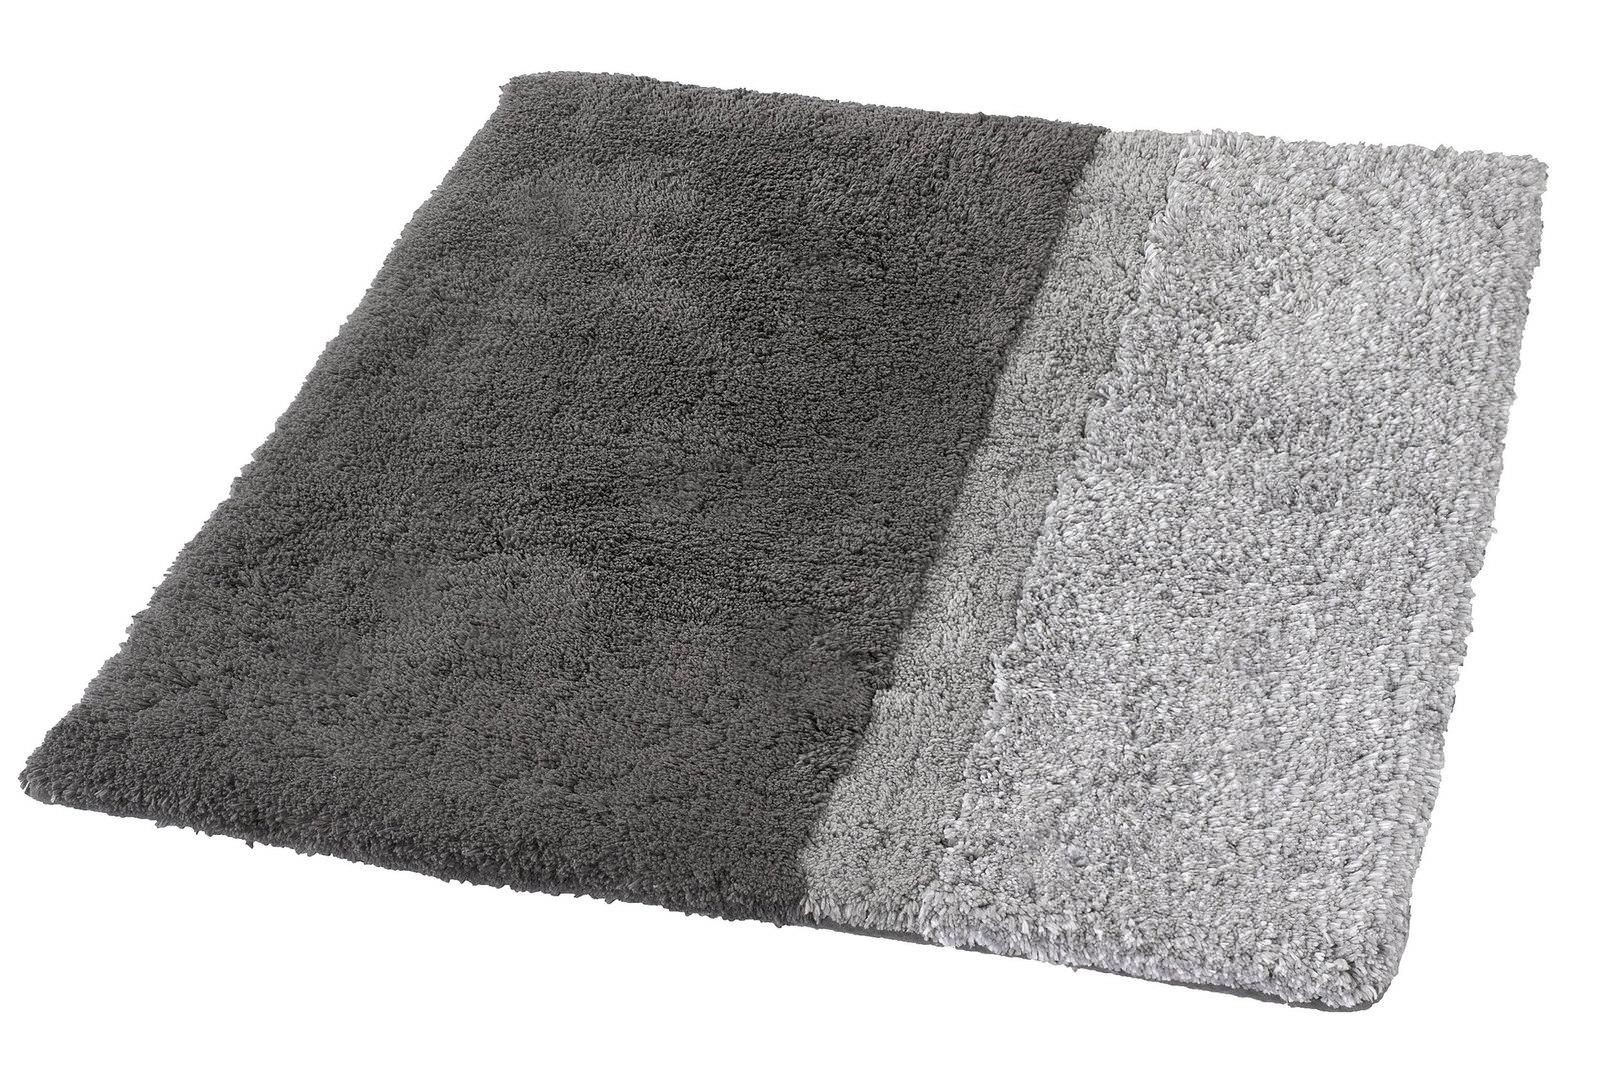 kleine wolke badteppich online entdecken knuffmann ihr m belhaus. Black Bedroom Furniture Sets. Home Design Ideas